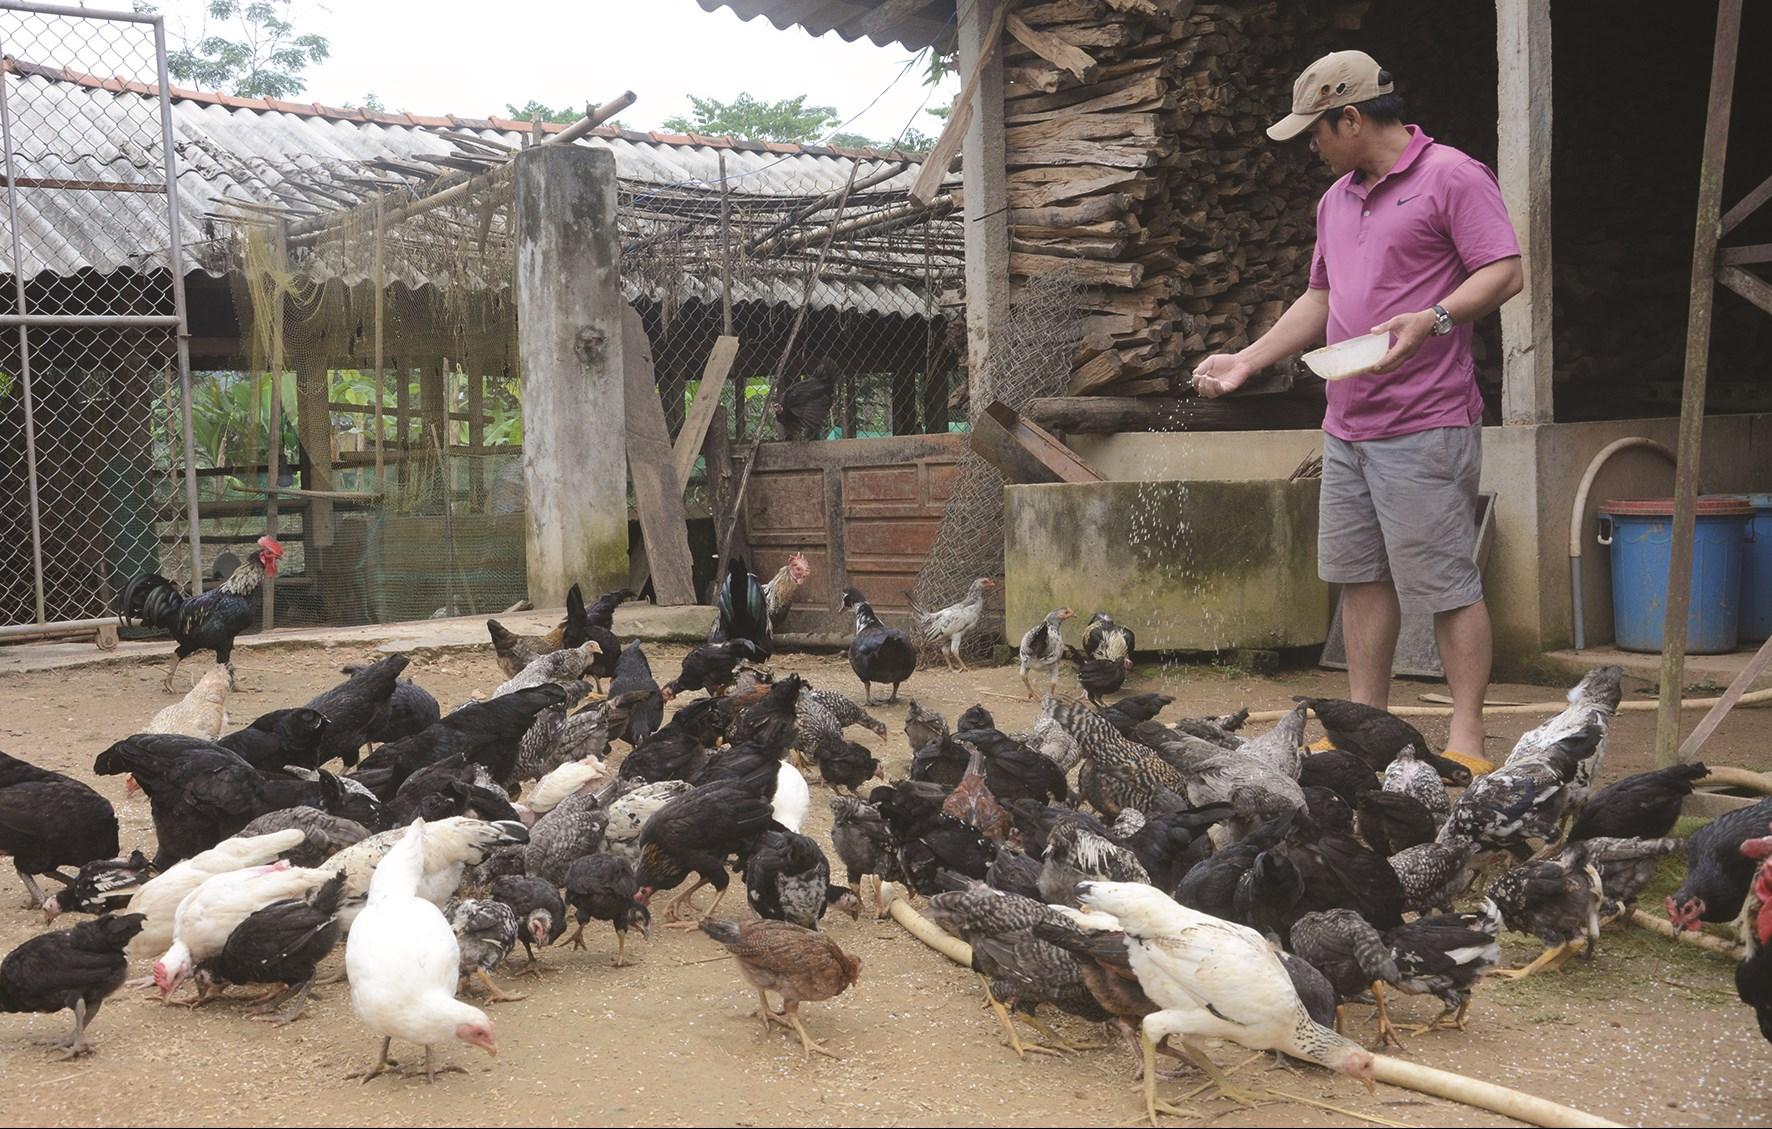 Nhờ đầu tư phát triển chăn nuôi giúp cho nhiều hộ đồng bào DTTS ở Trà Bồng thoát nghèo